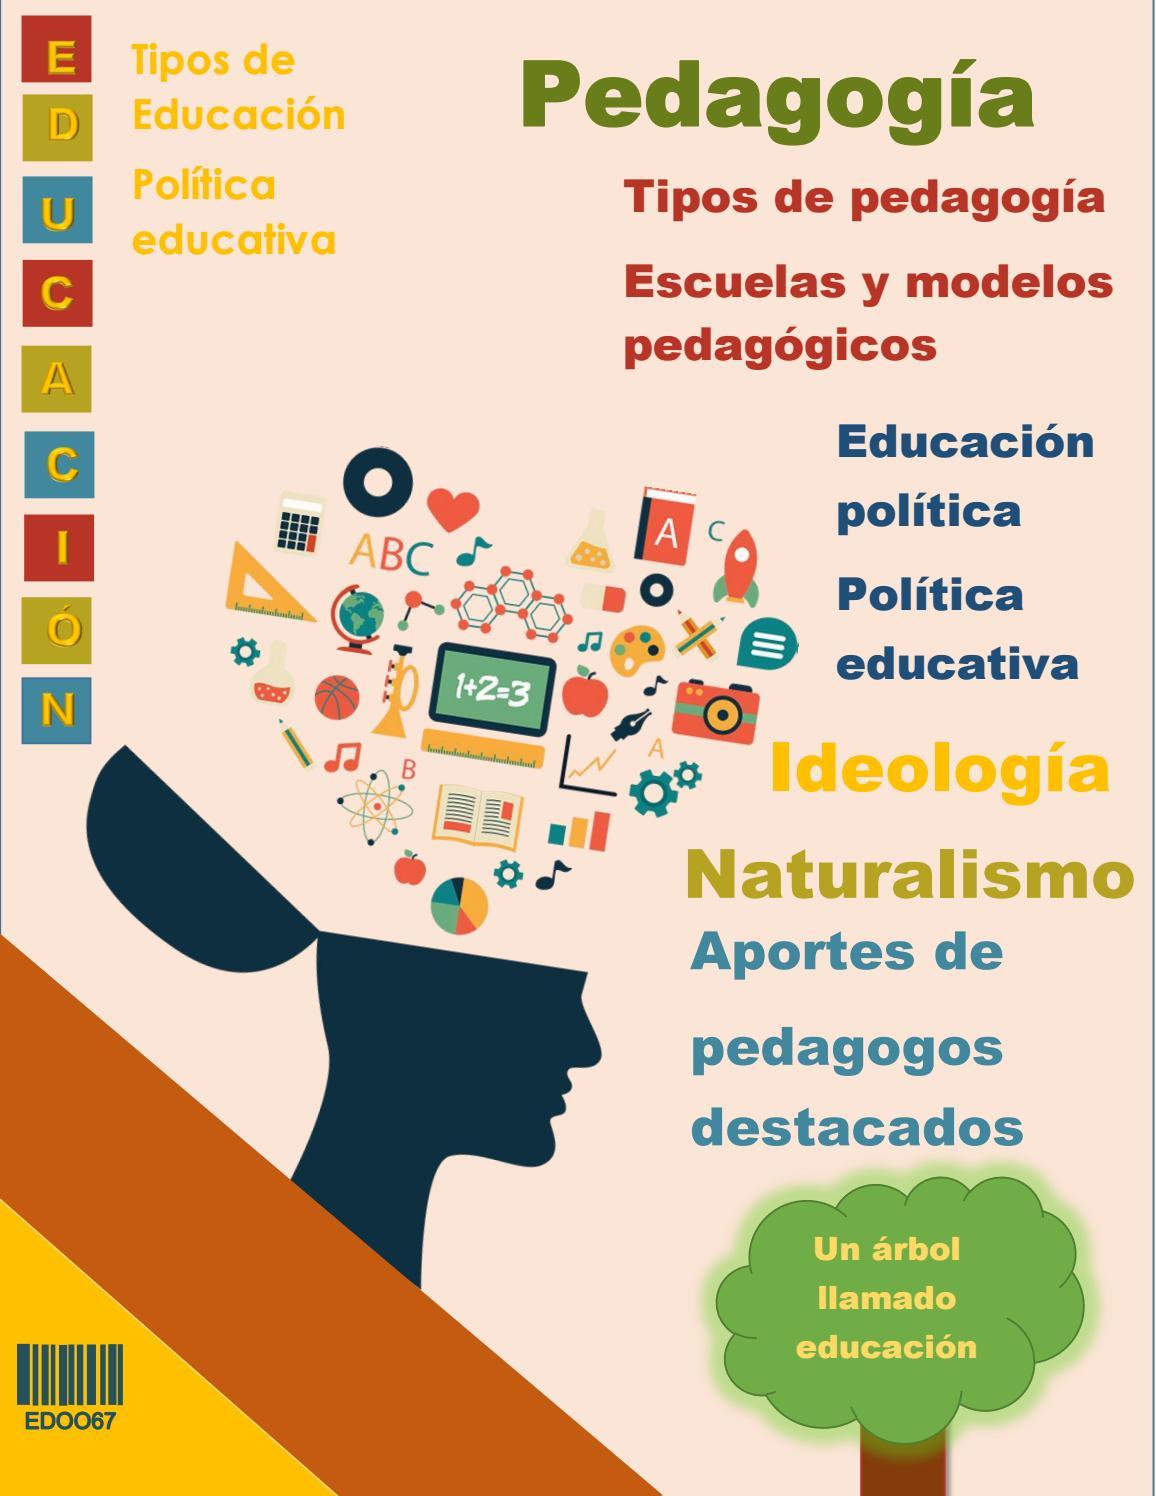 Revista De Introducción A La Pedagogía By Michell Dianne28 Issuu